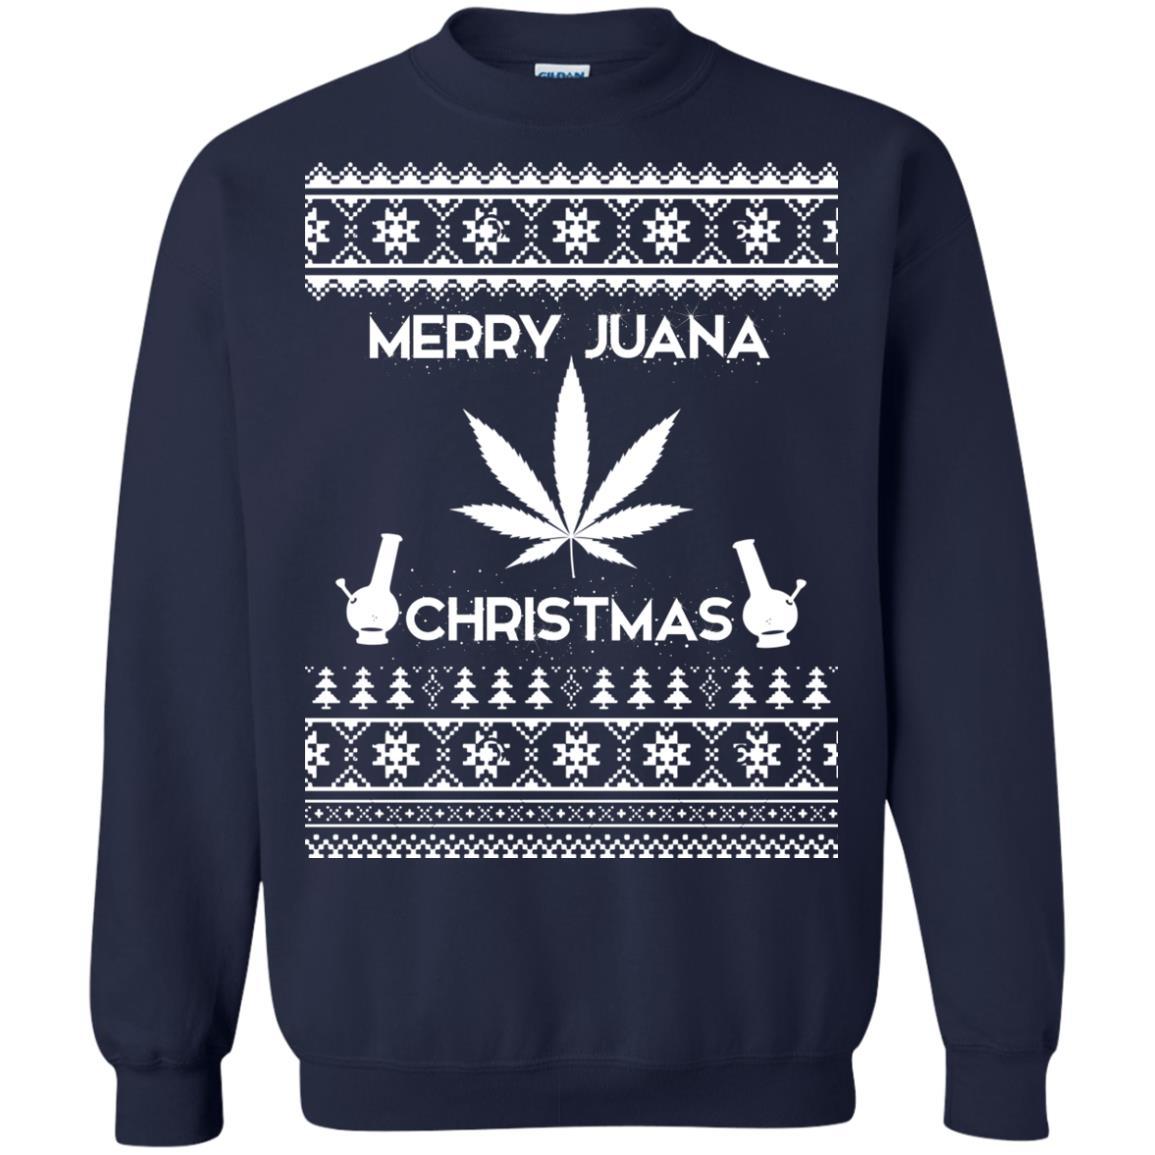 image 3891 - Merry Juana Weed Christmas Sweater, Ugly Sweatshirt